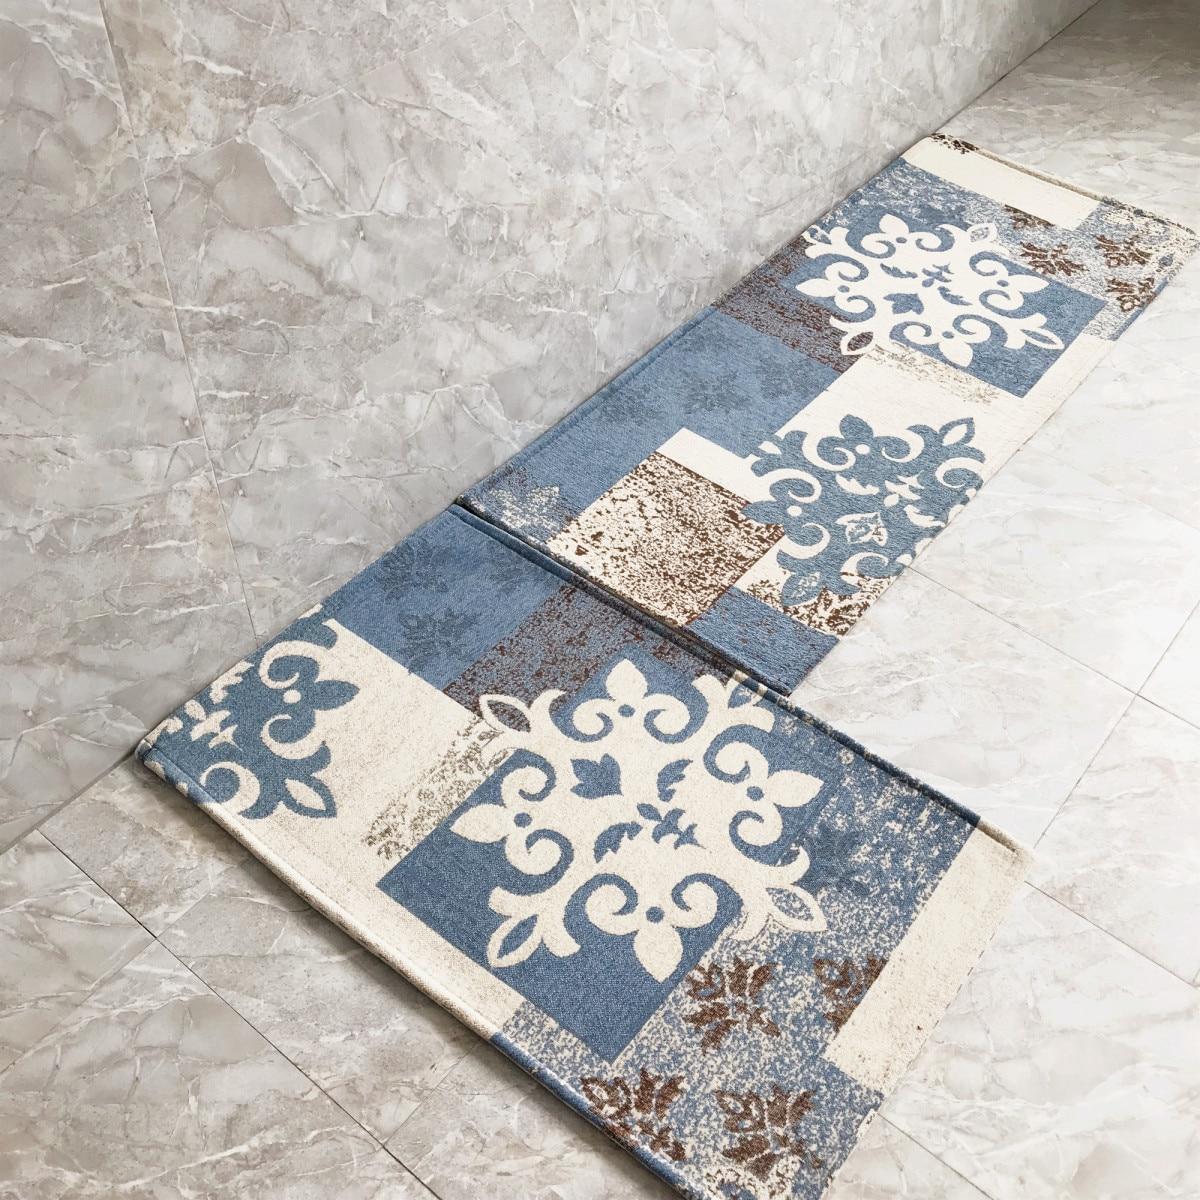 2019 Polyester mode nordique vent tapis de sol marchandises anti-dérapant porte tapis cuisine tapis porte chaussure tapis cuisine tapis